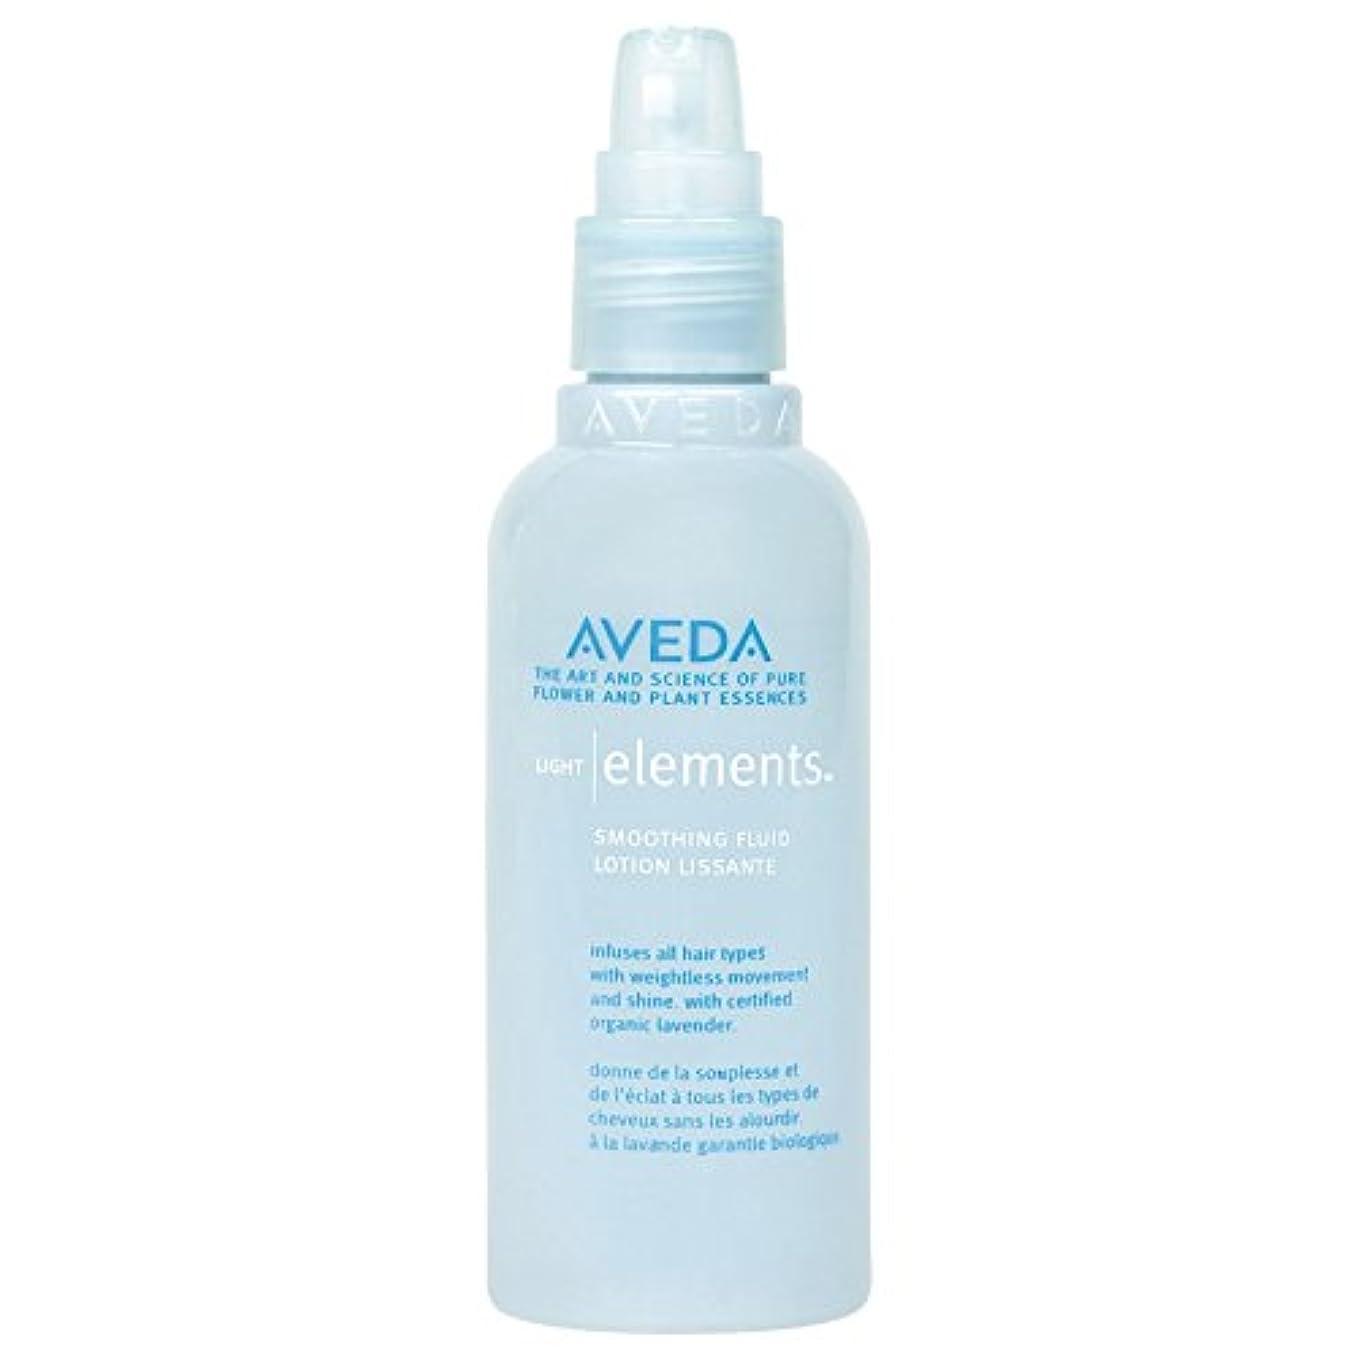 先見の明ぜいたく硫黄[AVEDA] 流体100ミリリットルを平滑アヴェダ光素子 - Aveda Light Elements Smoothing Fluid 100ml [並行輸入品]